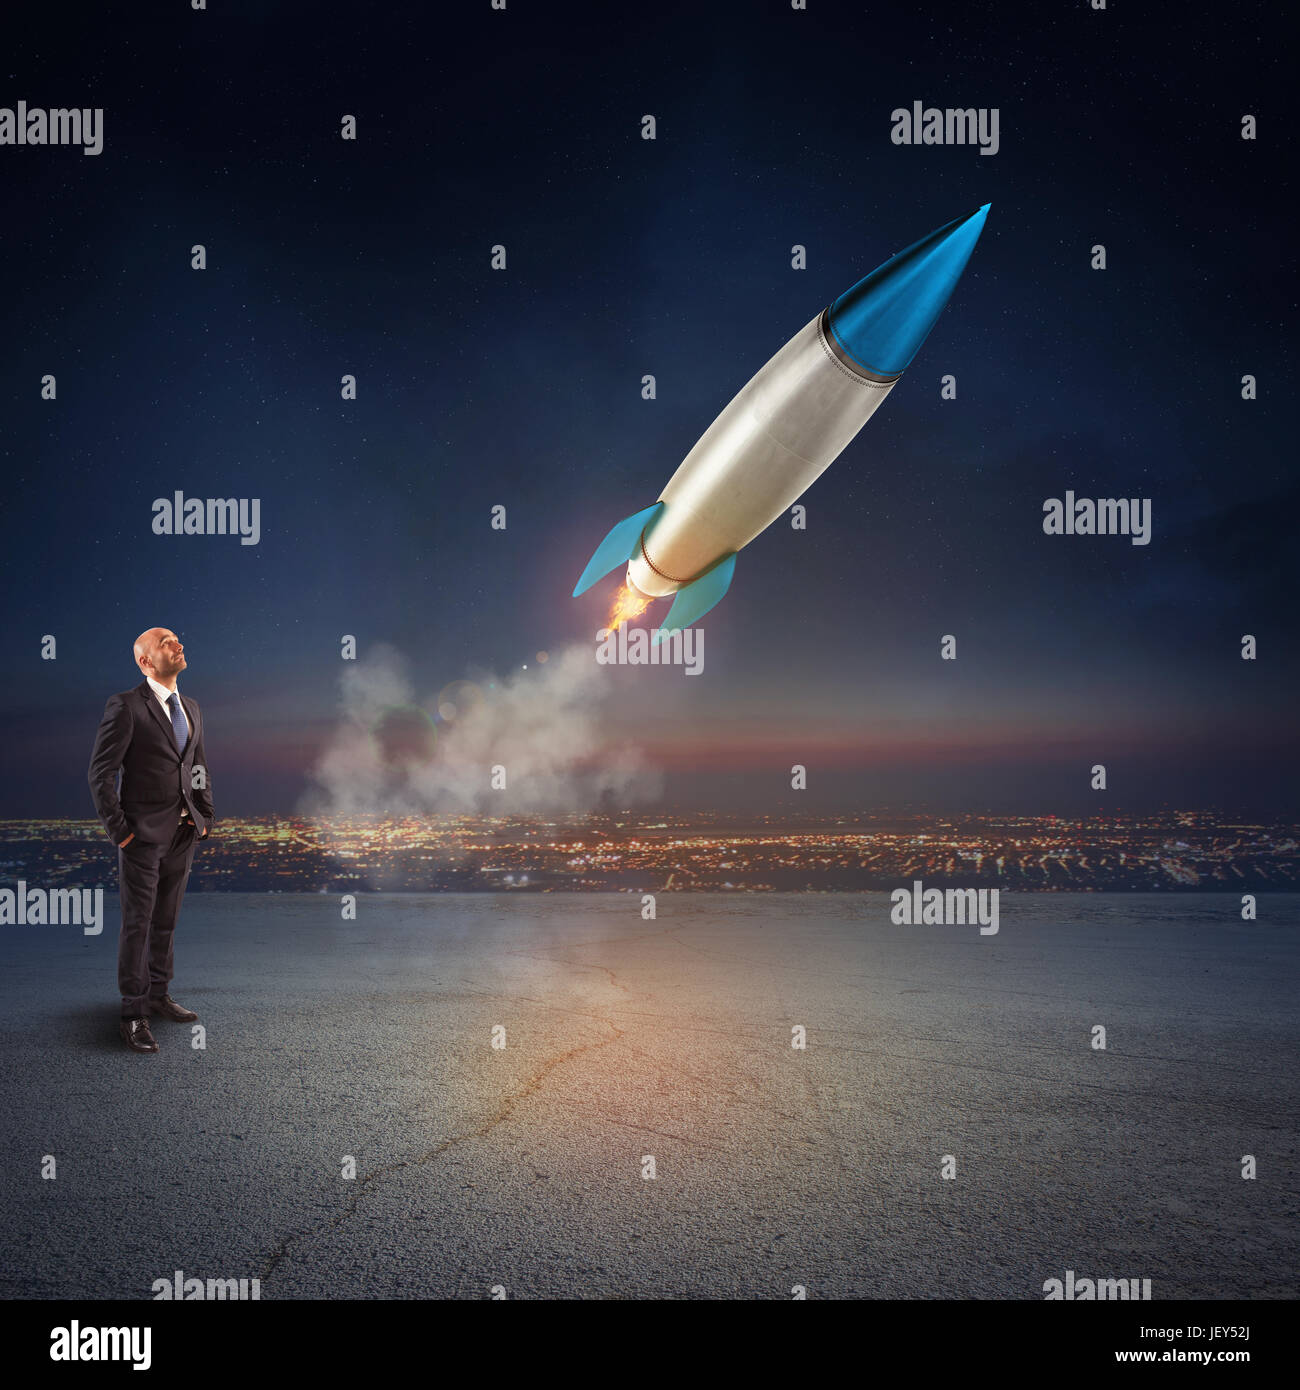 Geschäftsmann sieht eine Rakete zu starten. Konzept der Firma Start und Neugeschäft. 3D-Rendering. Stockbild